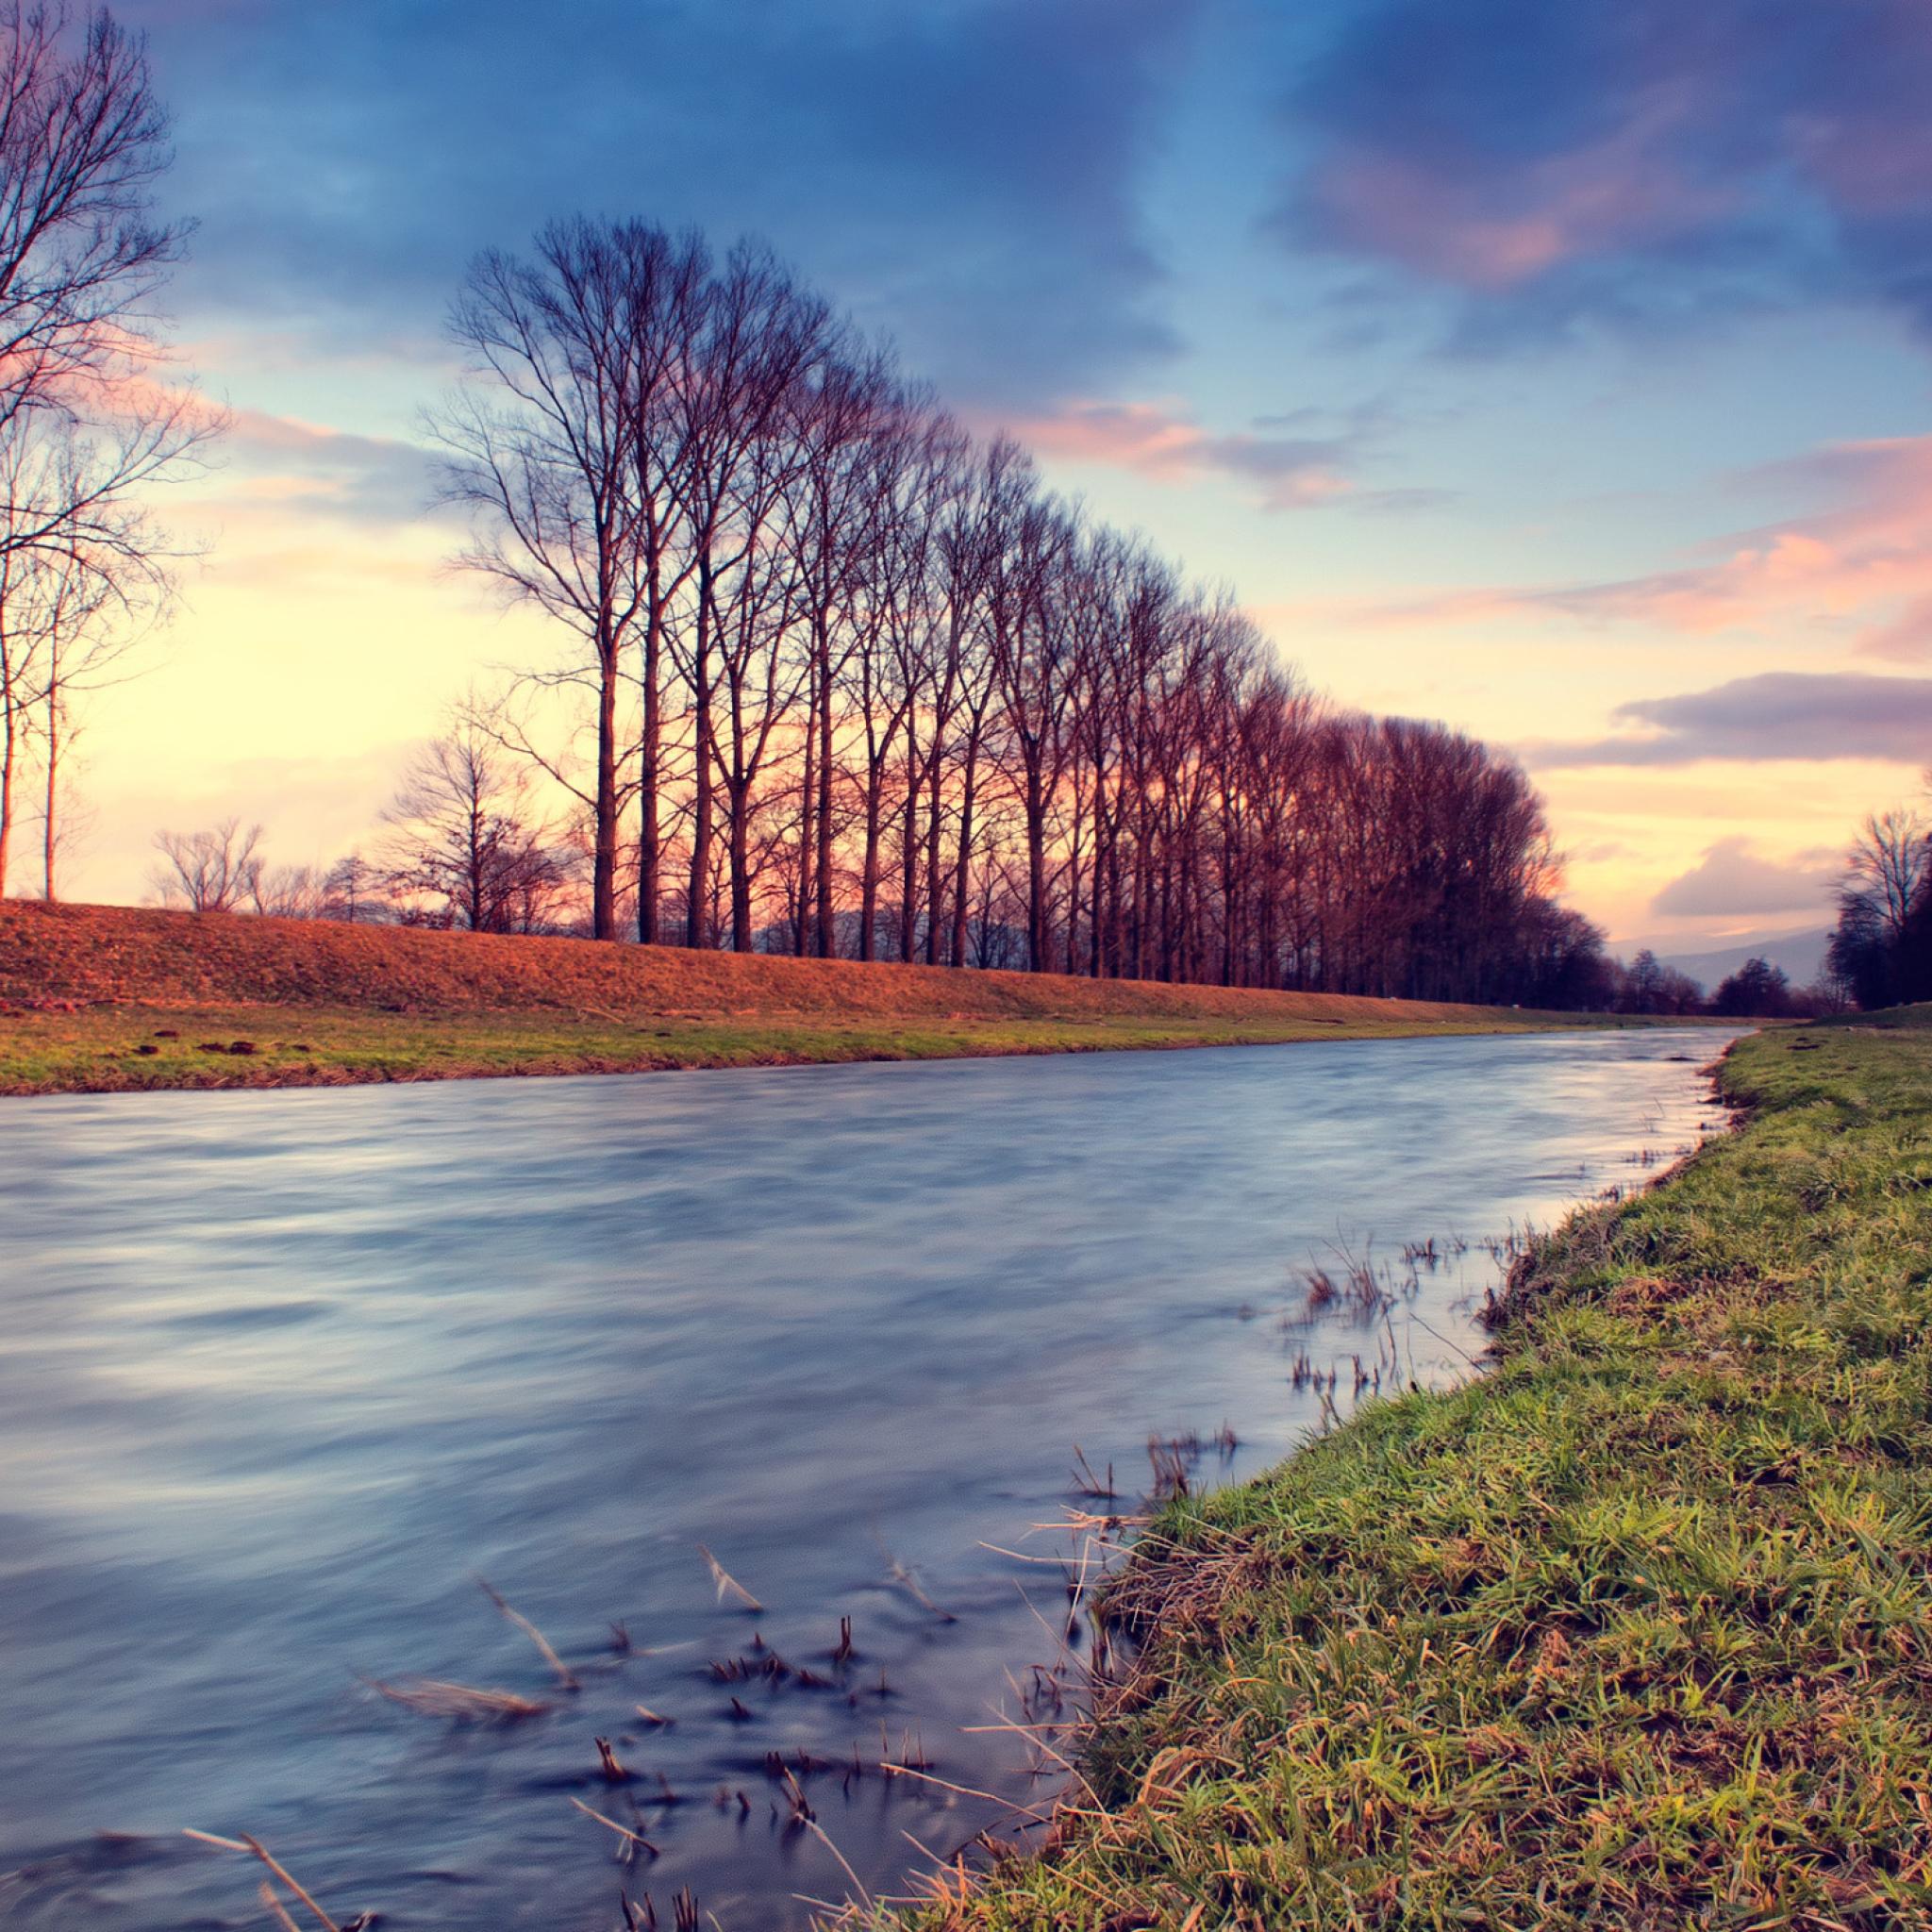 небо, вода, деревья  № 2487146  скачать